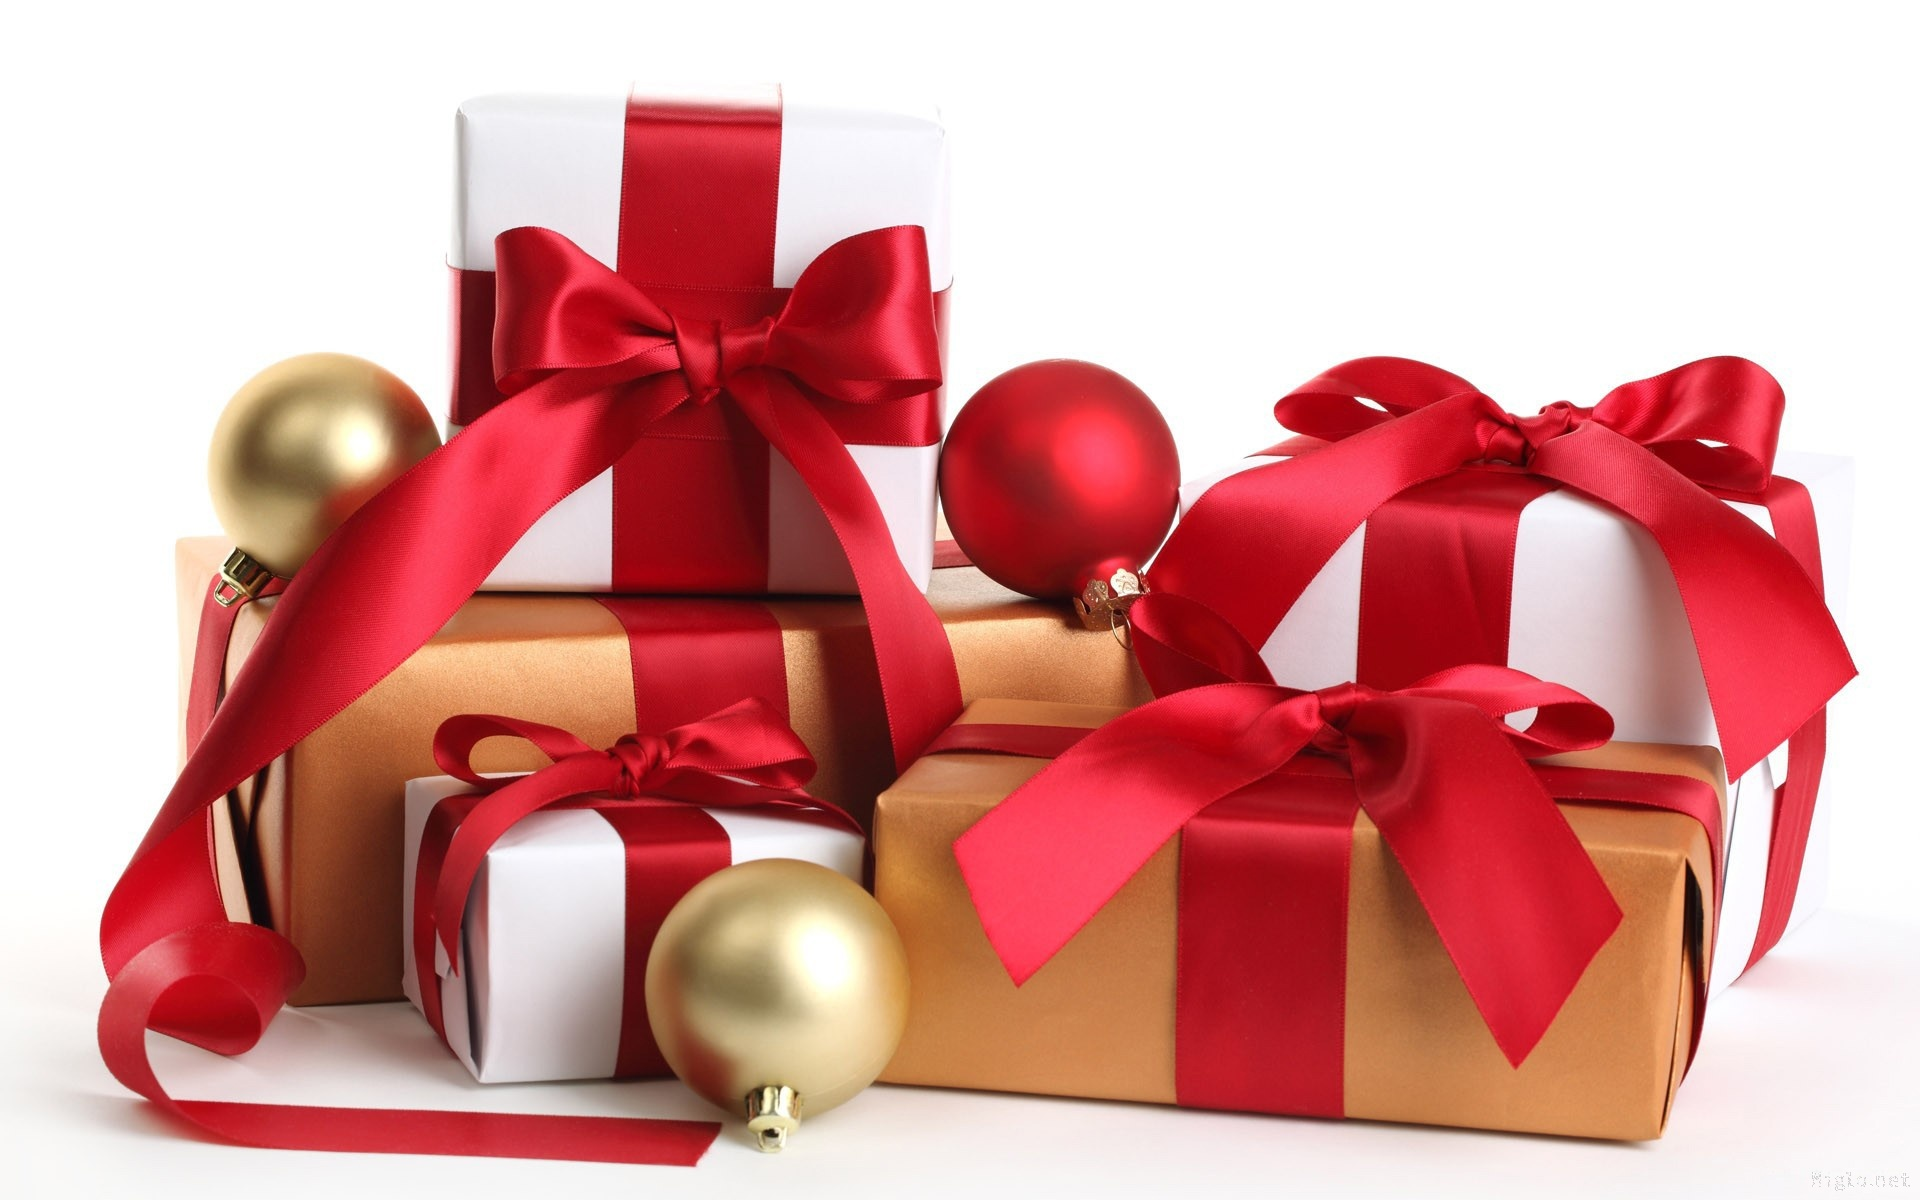 noël 2015 : suggestions lmd de cadeaux de dernière minute – la